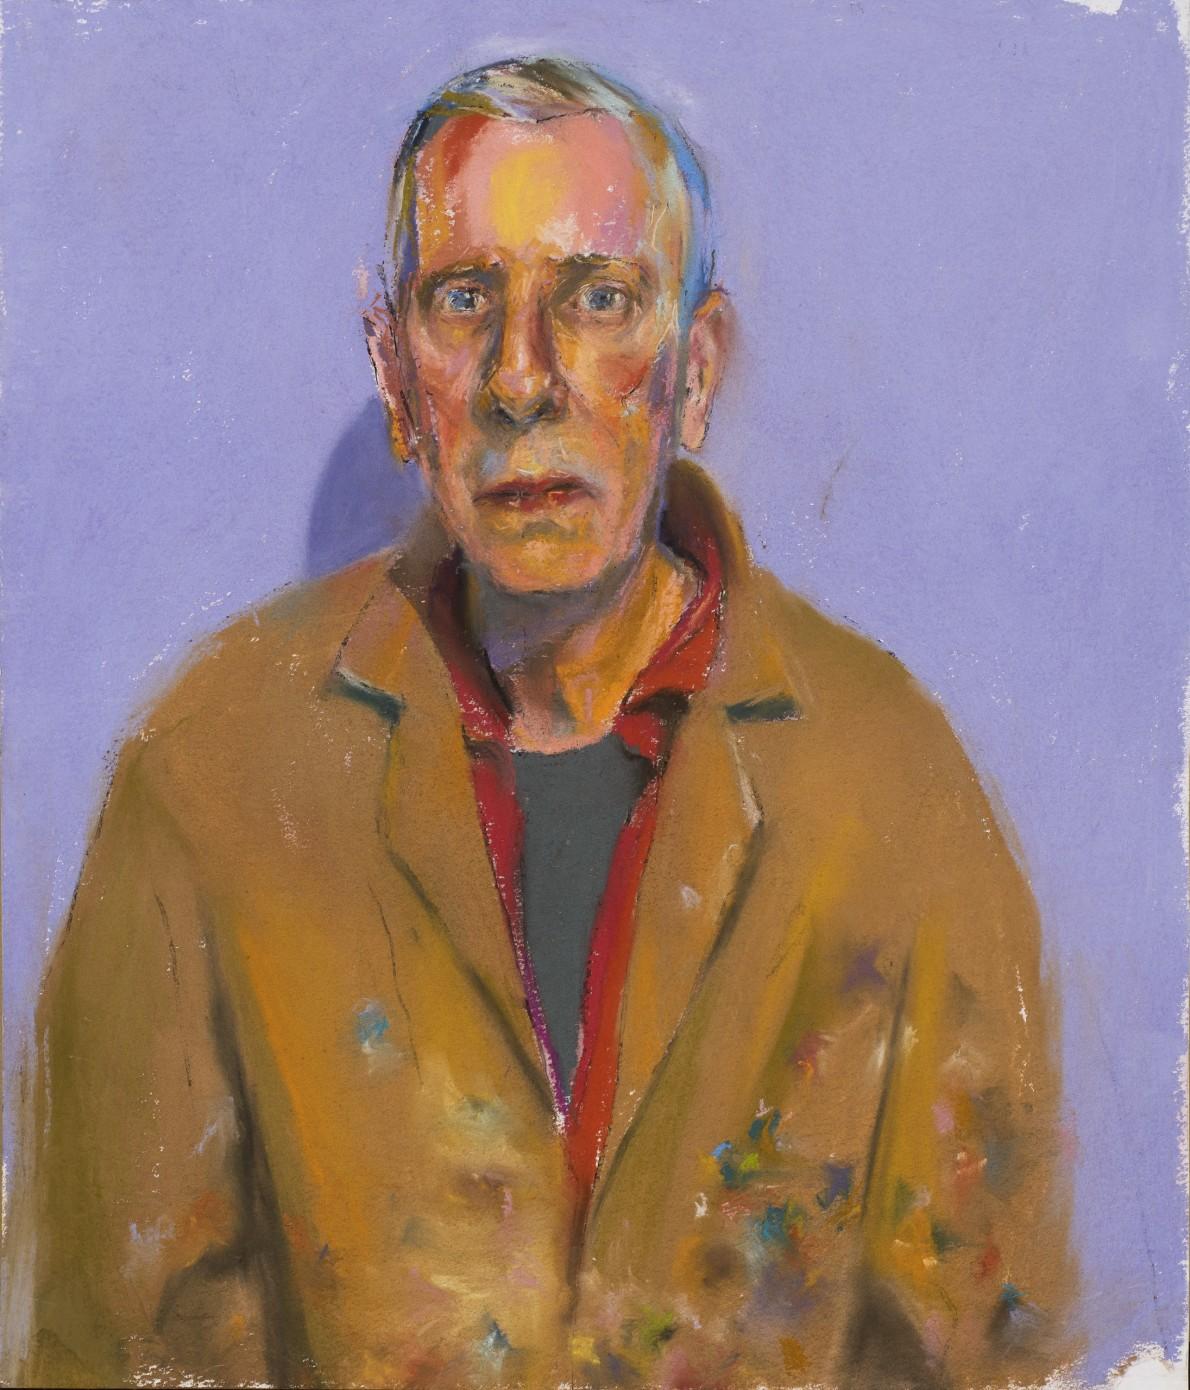 Paul Richards, Self Portrait, 2019